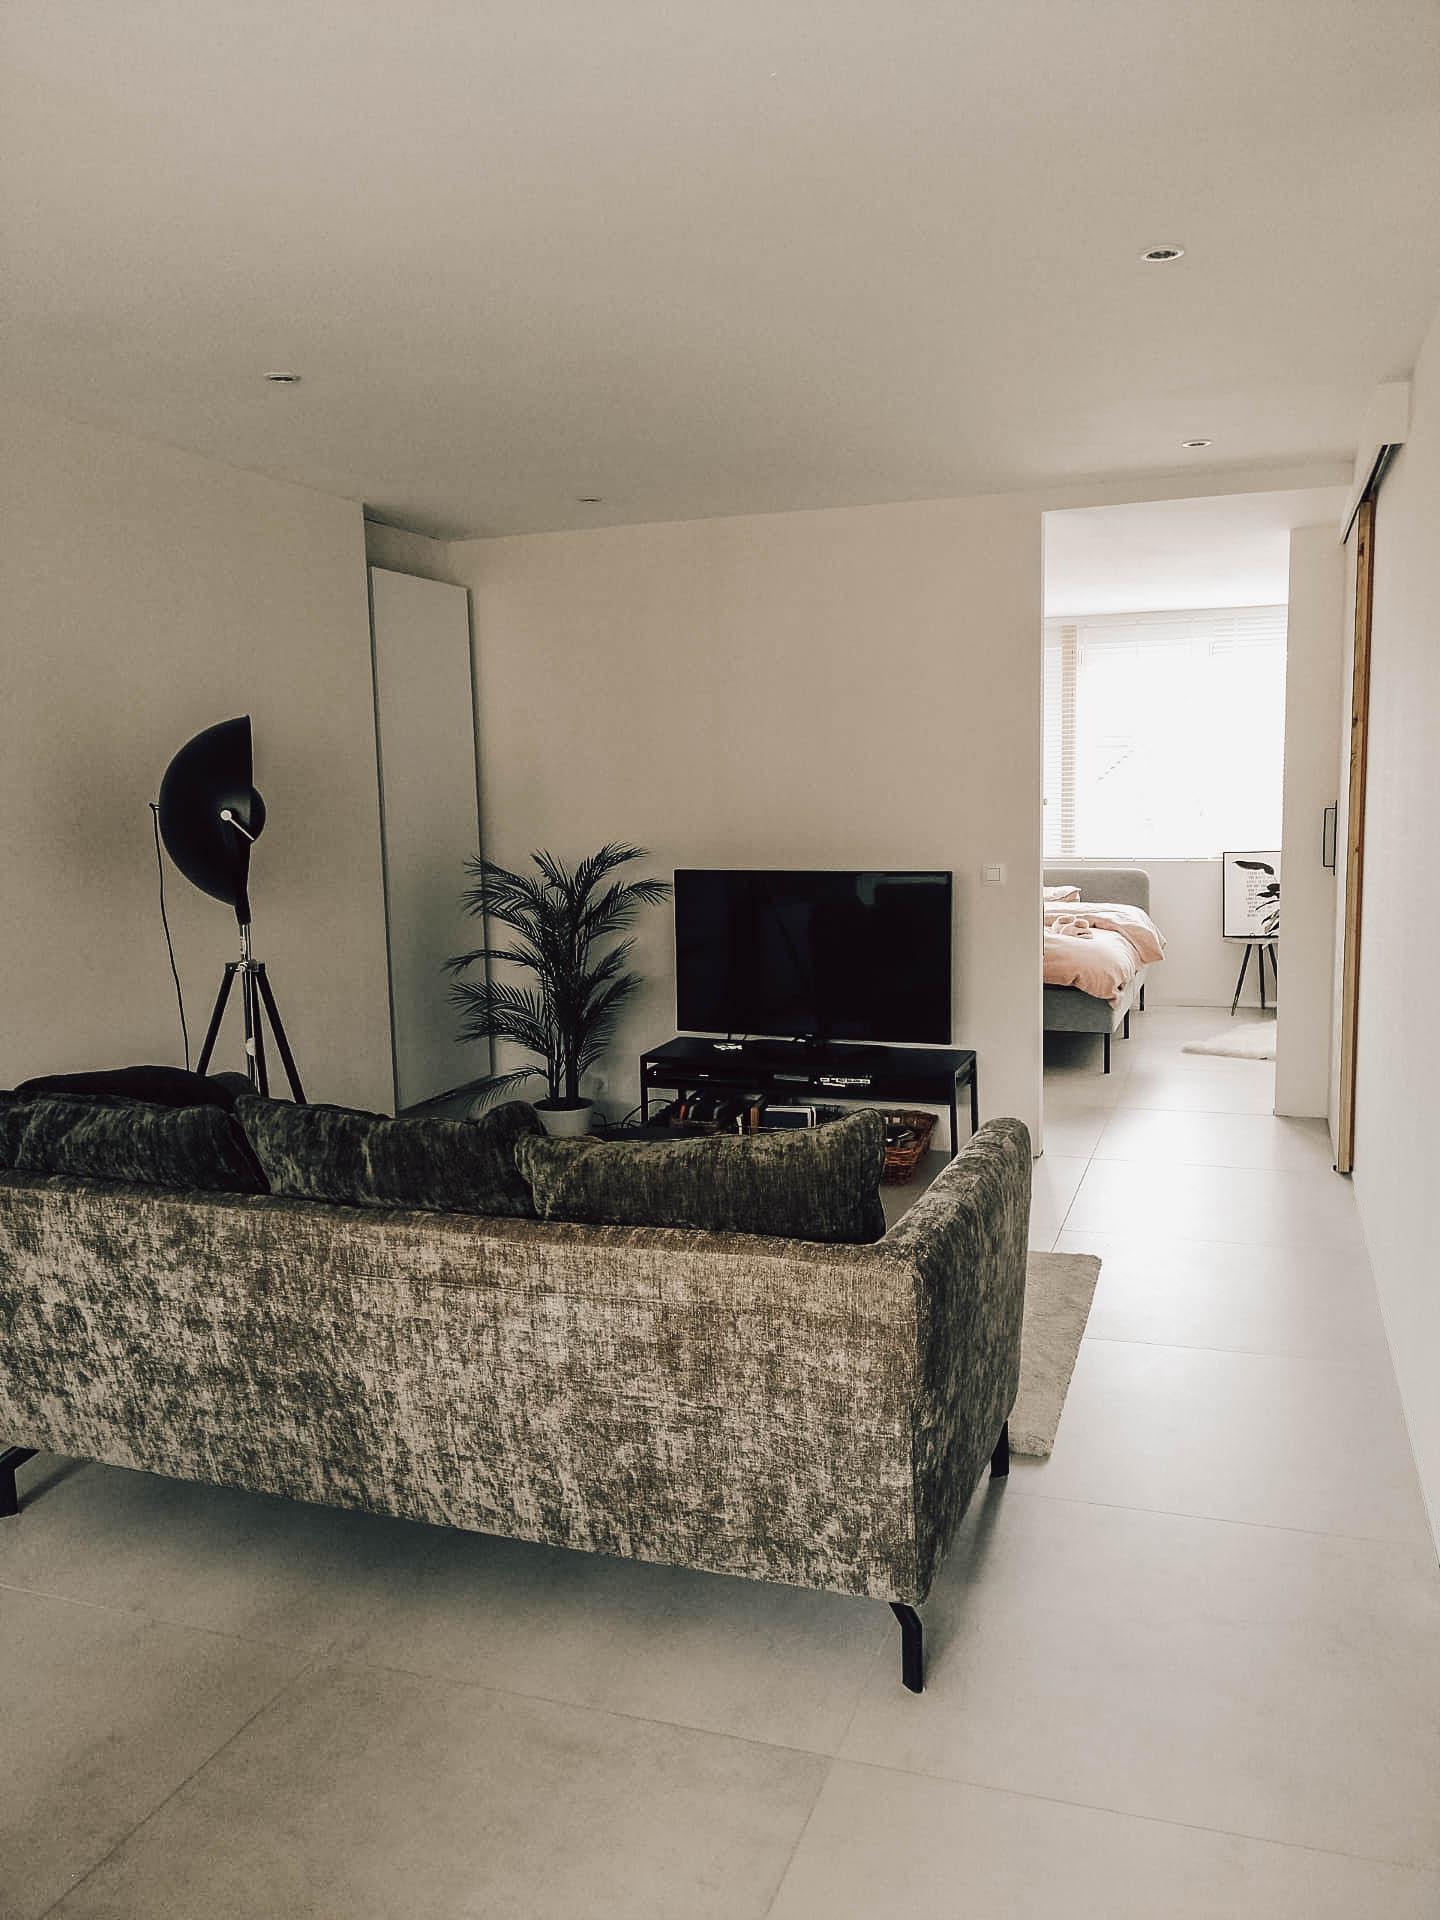 renovatie-interieur-woonkamer-gyproc-vloeren-pleisterwerken-afbraak-radiator-schuifdeur